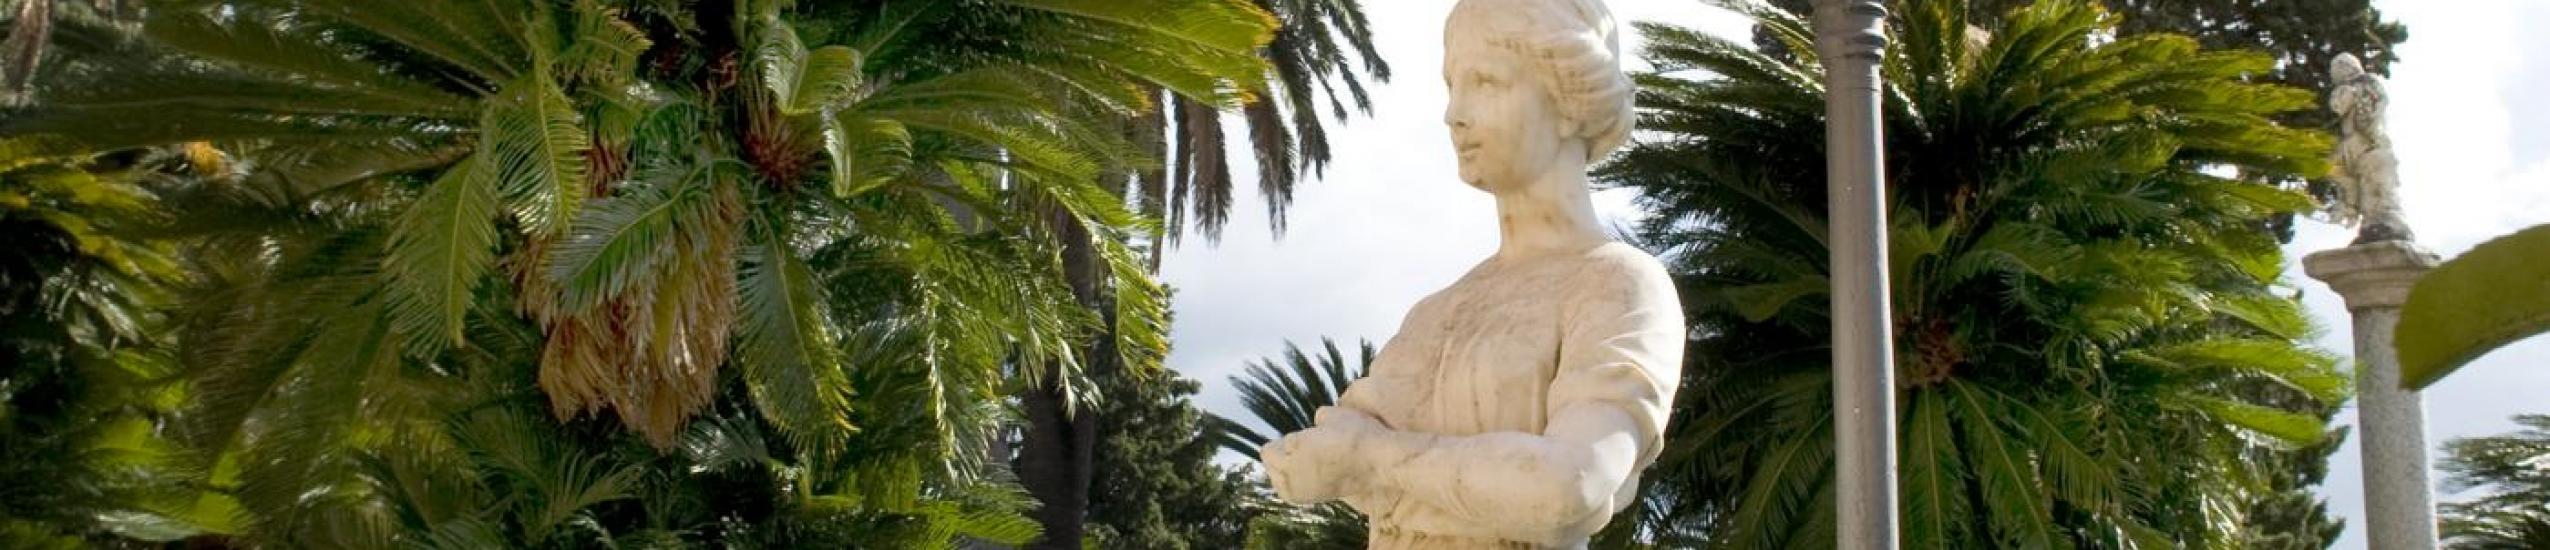 villa durazzo centurione e parco